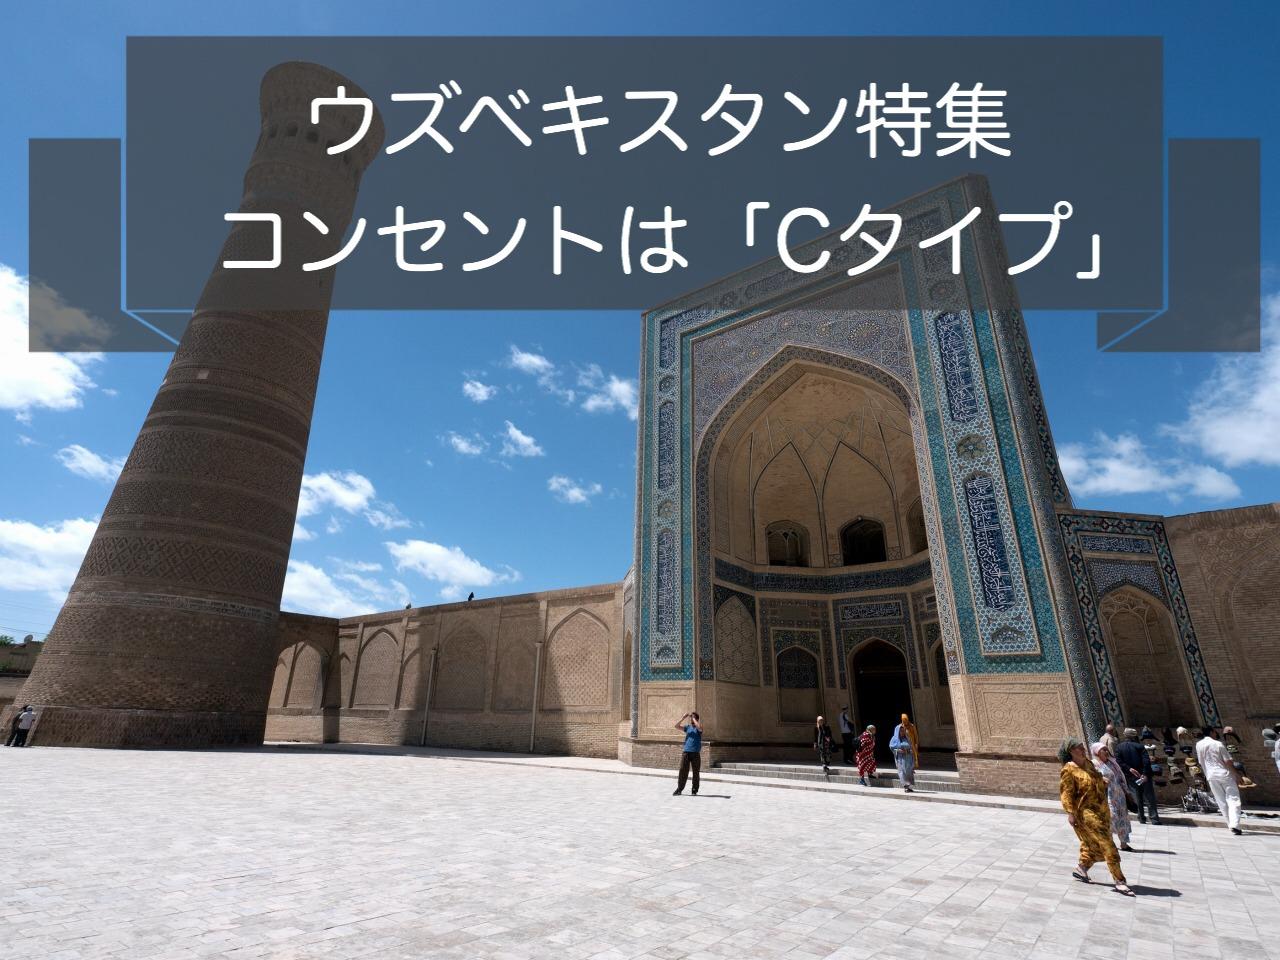 ウズベキスタンのコンセント特集